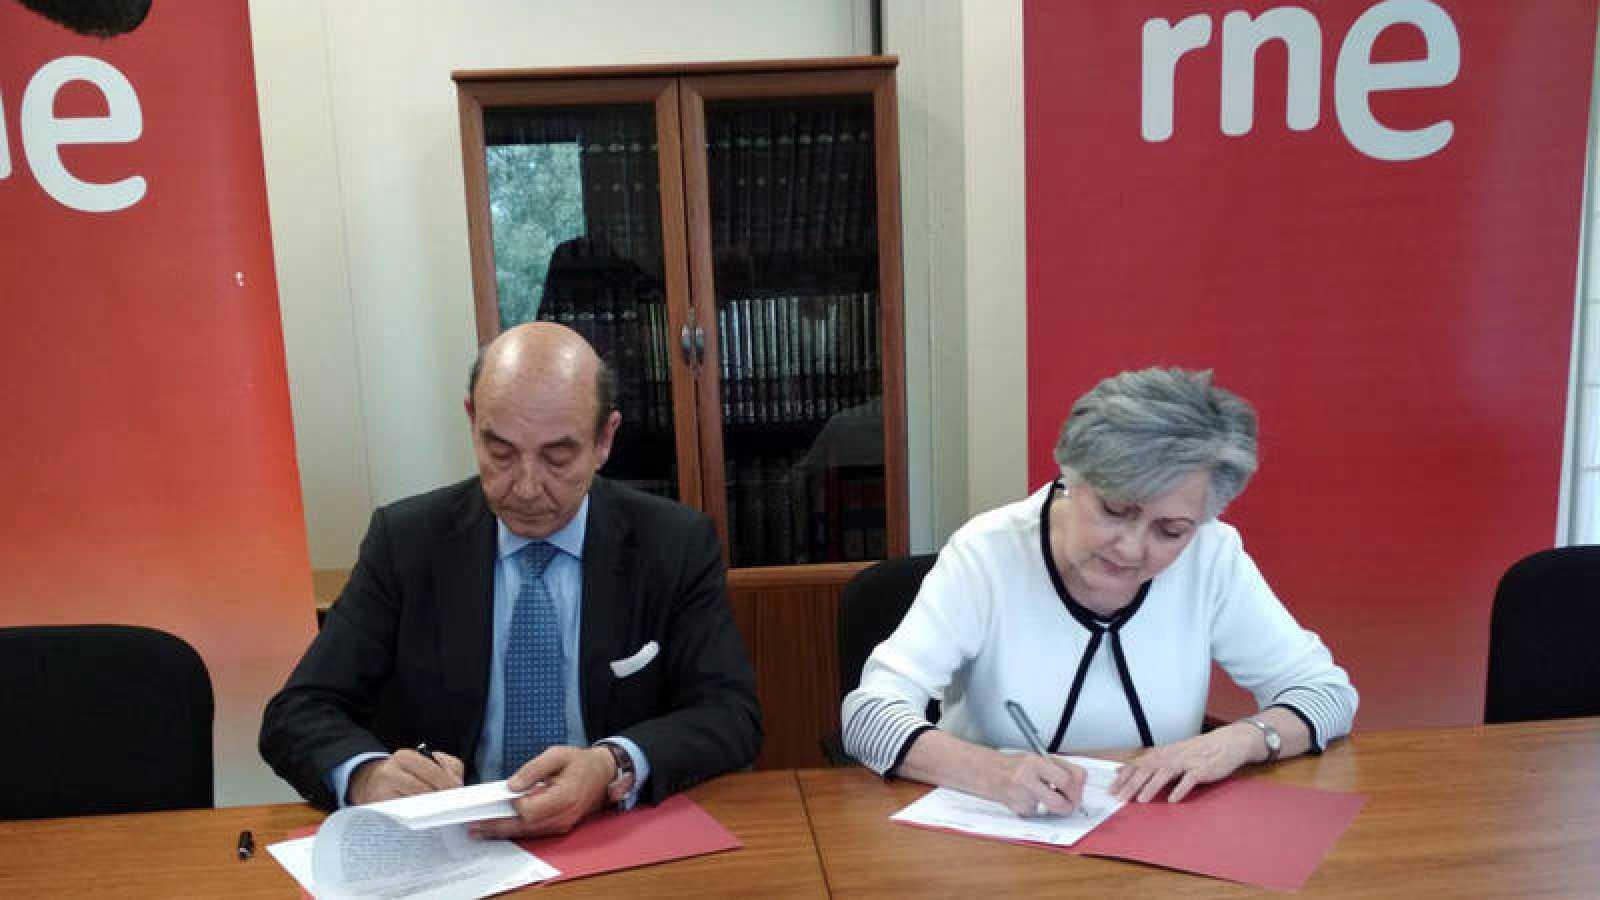 El director de RNE, Alfonso Nasarre, y la presidenta de la Asociación Feria del Libro de Sevilla, Esperanza Alcaide Rico.